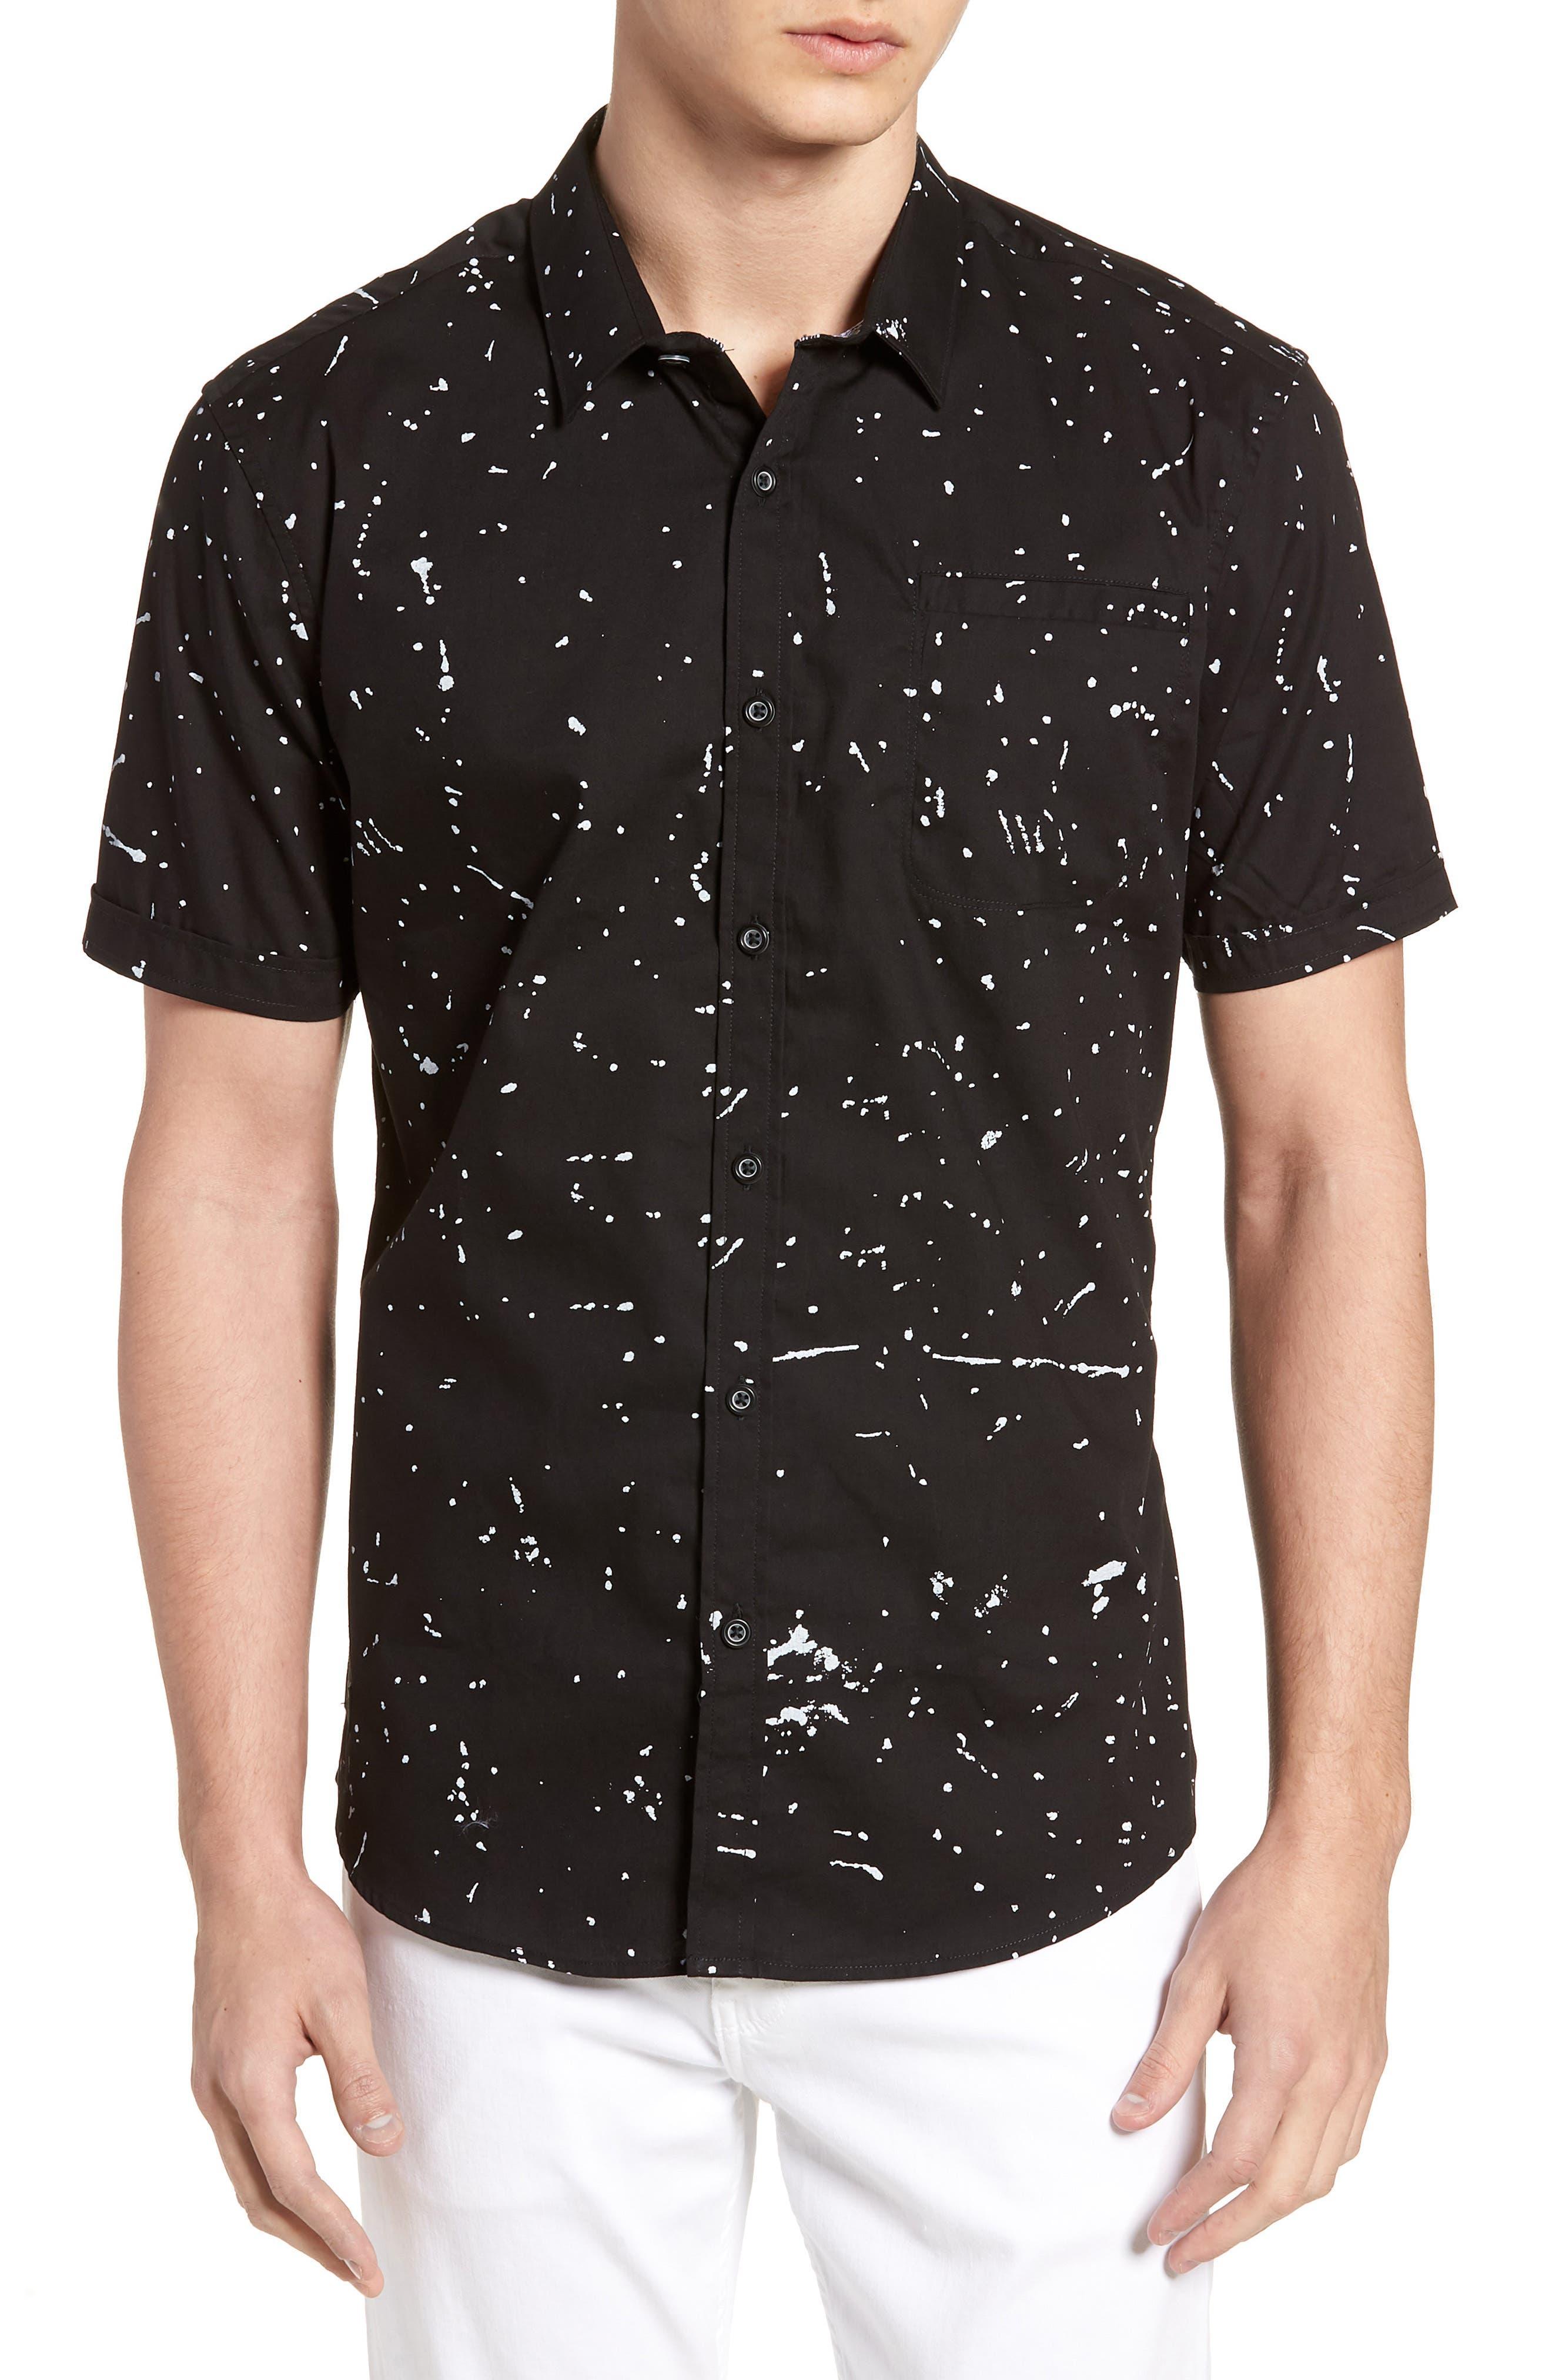 Sky Walker Splatter Sport Shirt,                             Main thumbnail 1, color,                             Black